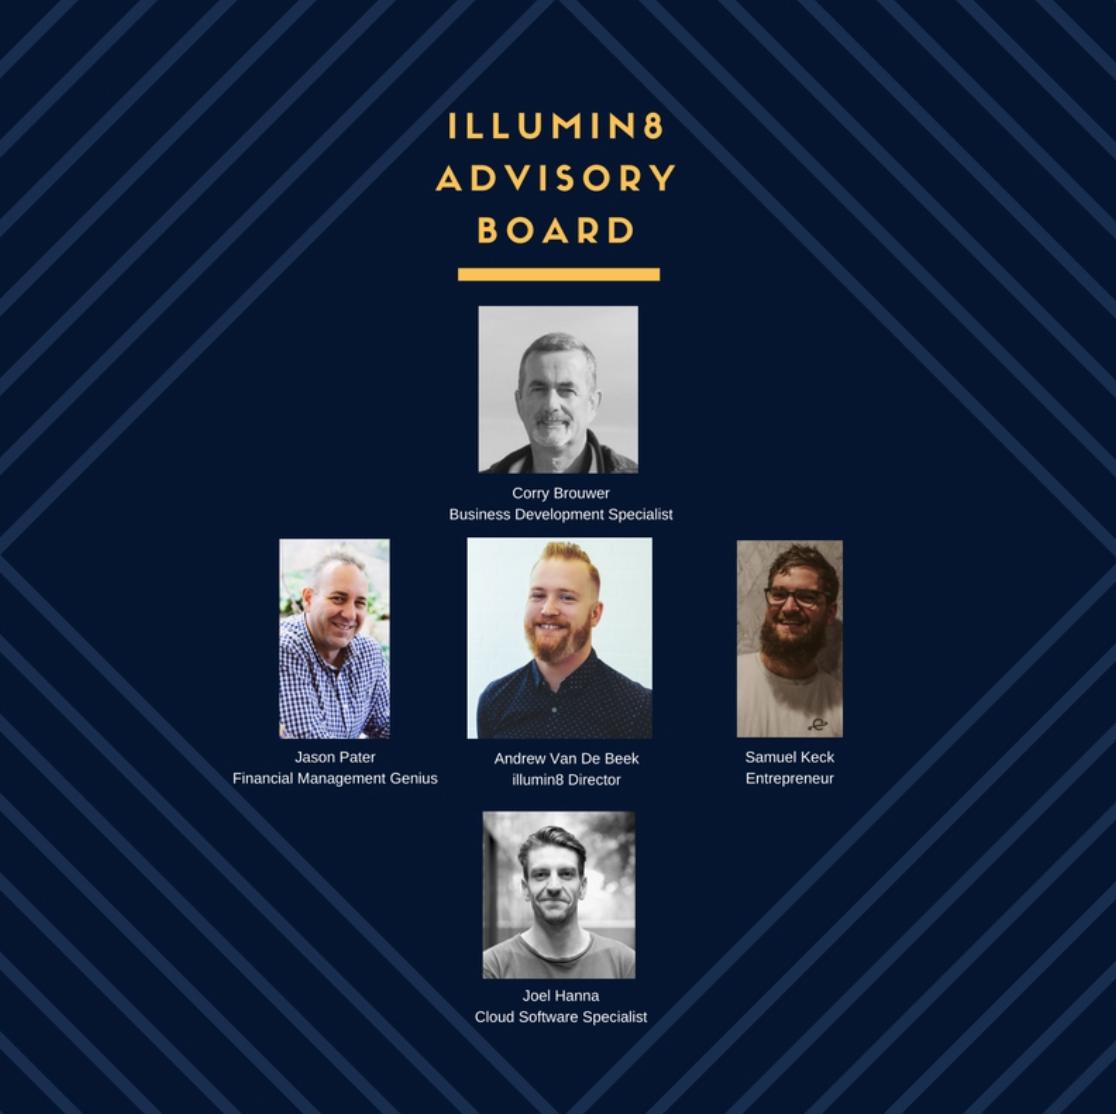 Illumin8 Advisory Board